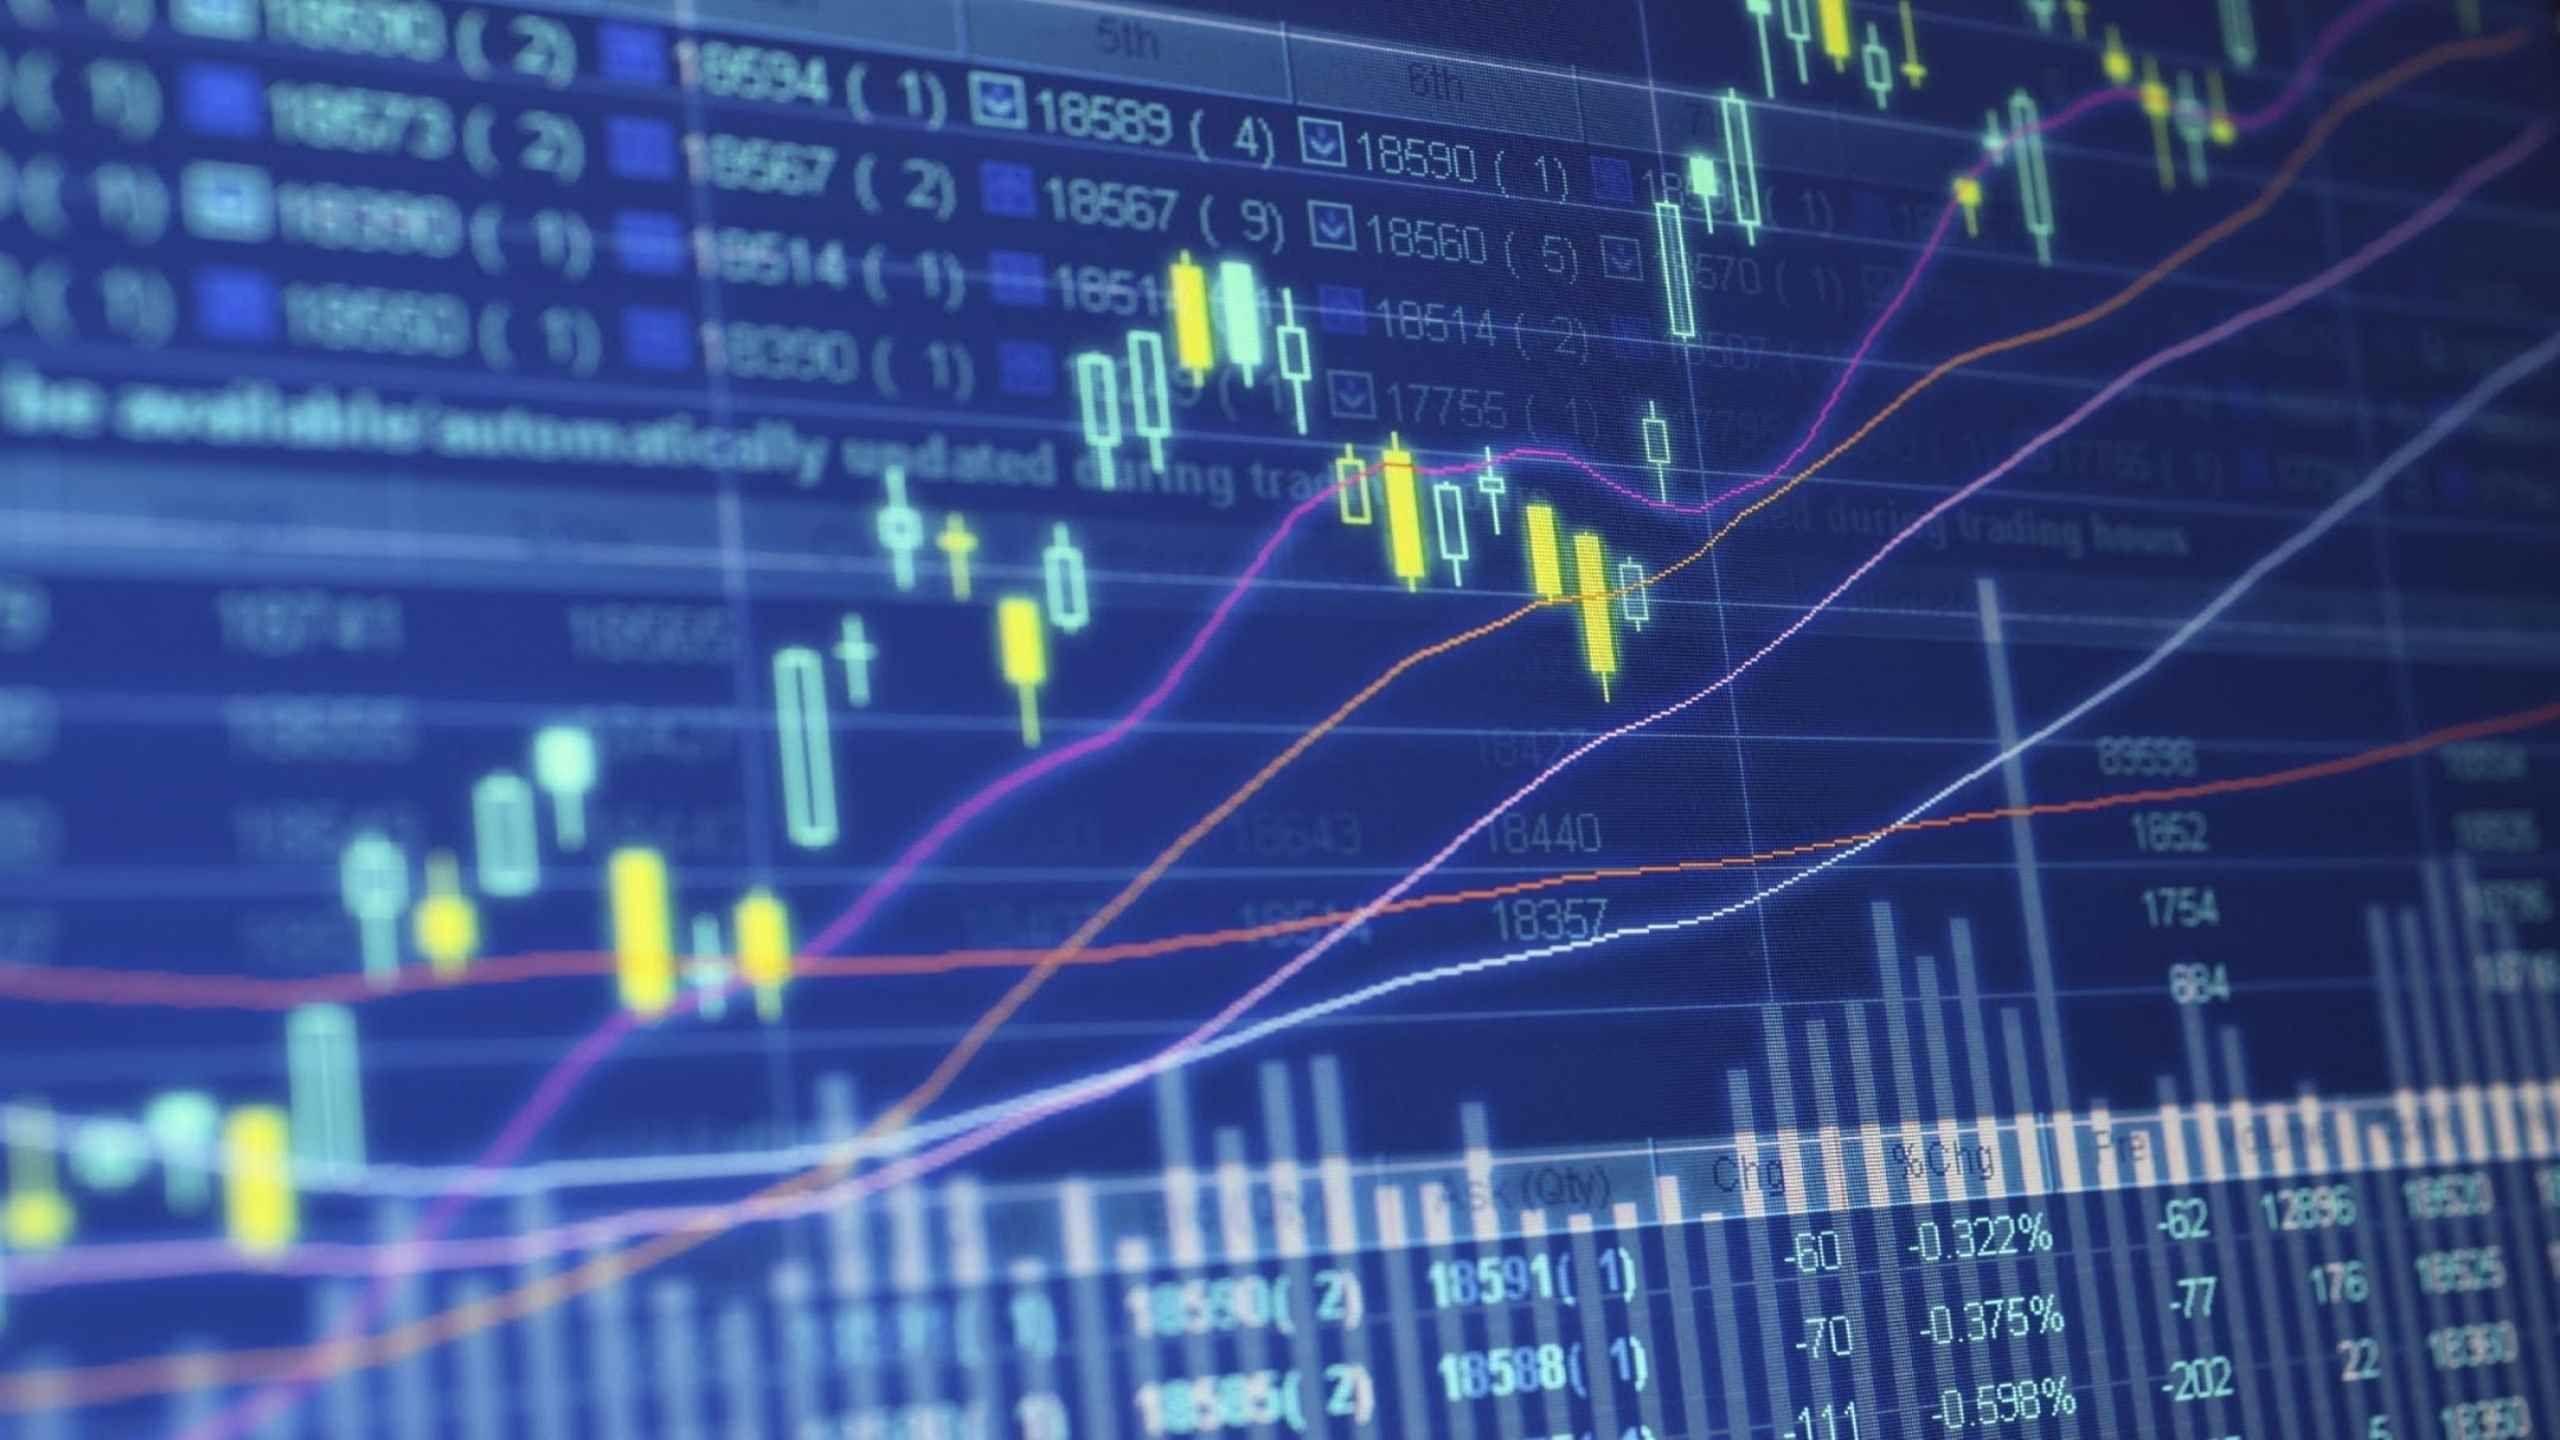 Übertragung von aktienoptionen auf widerrufliches vertrauens bild 9